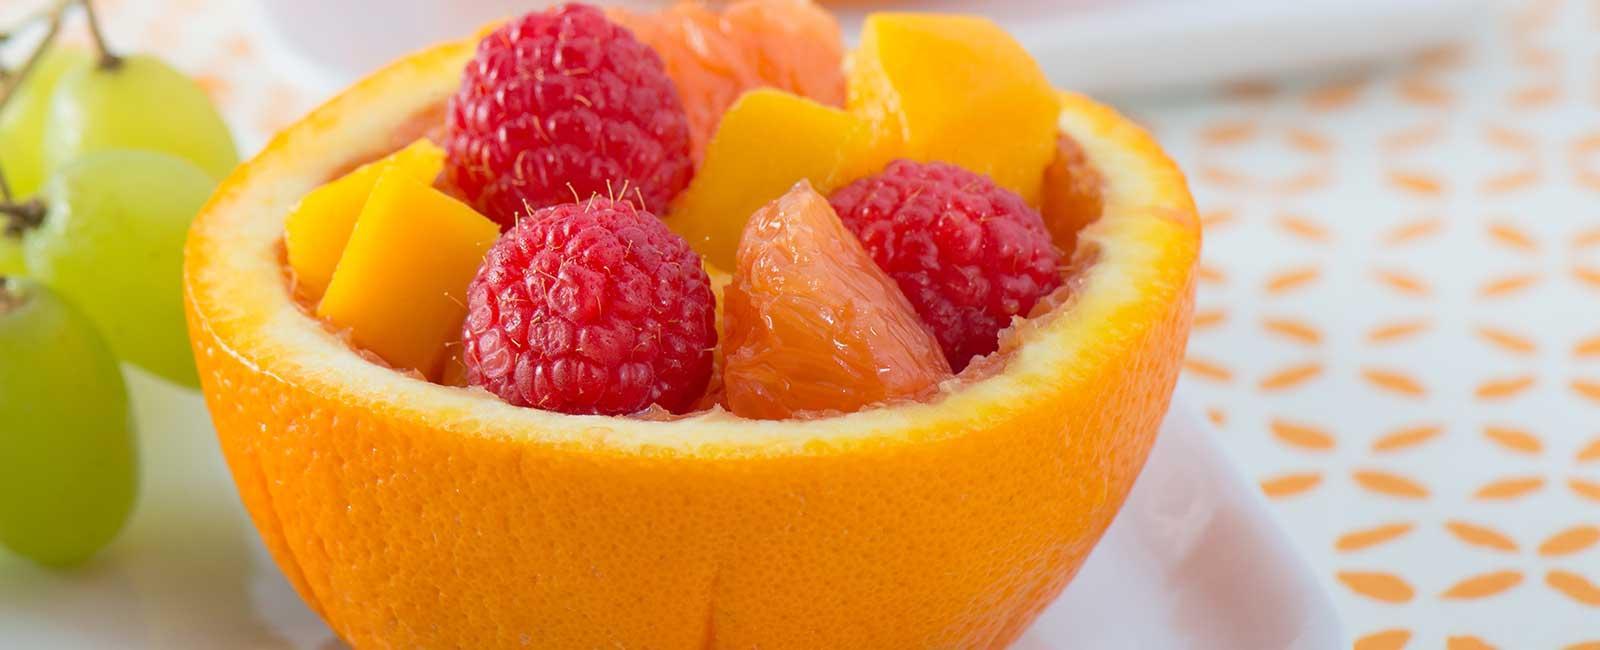 Fruit Salad in Orange Bowls